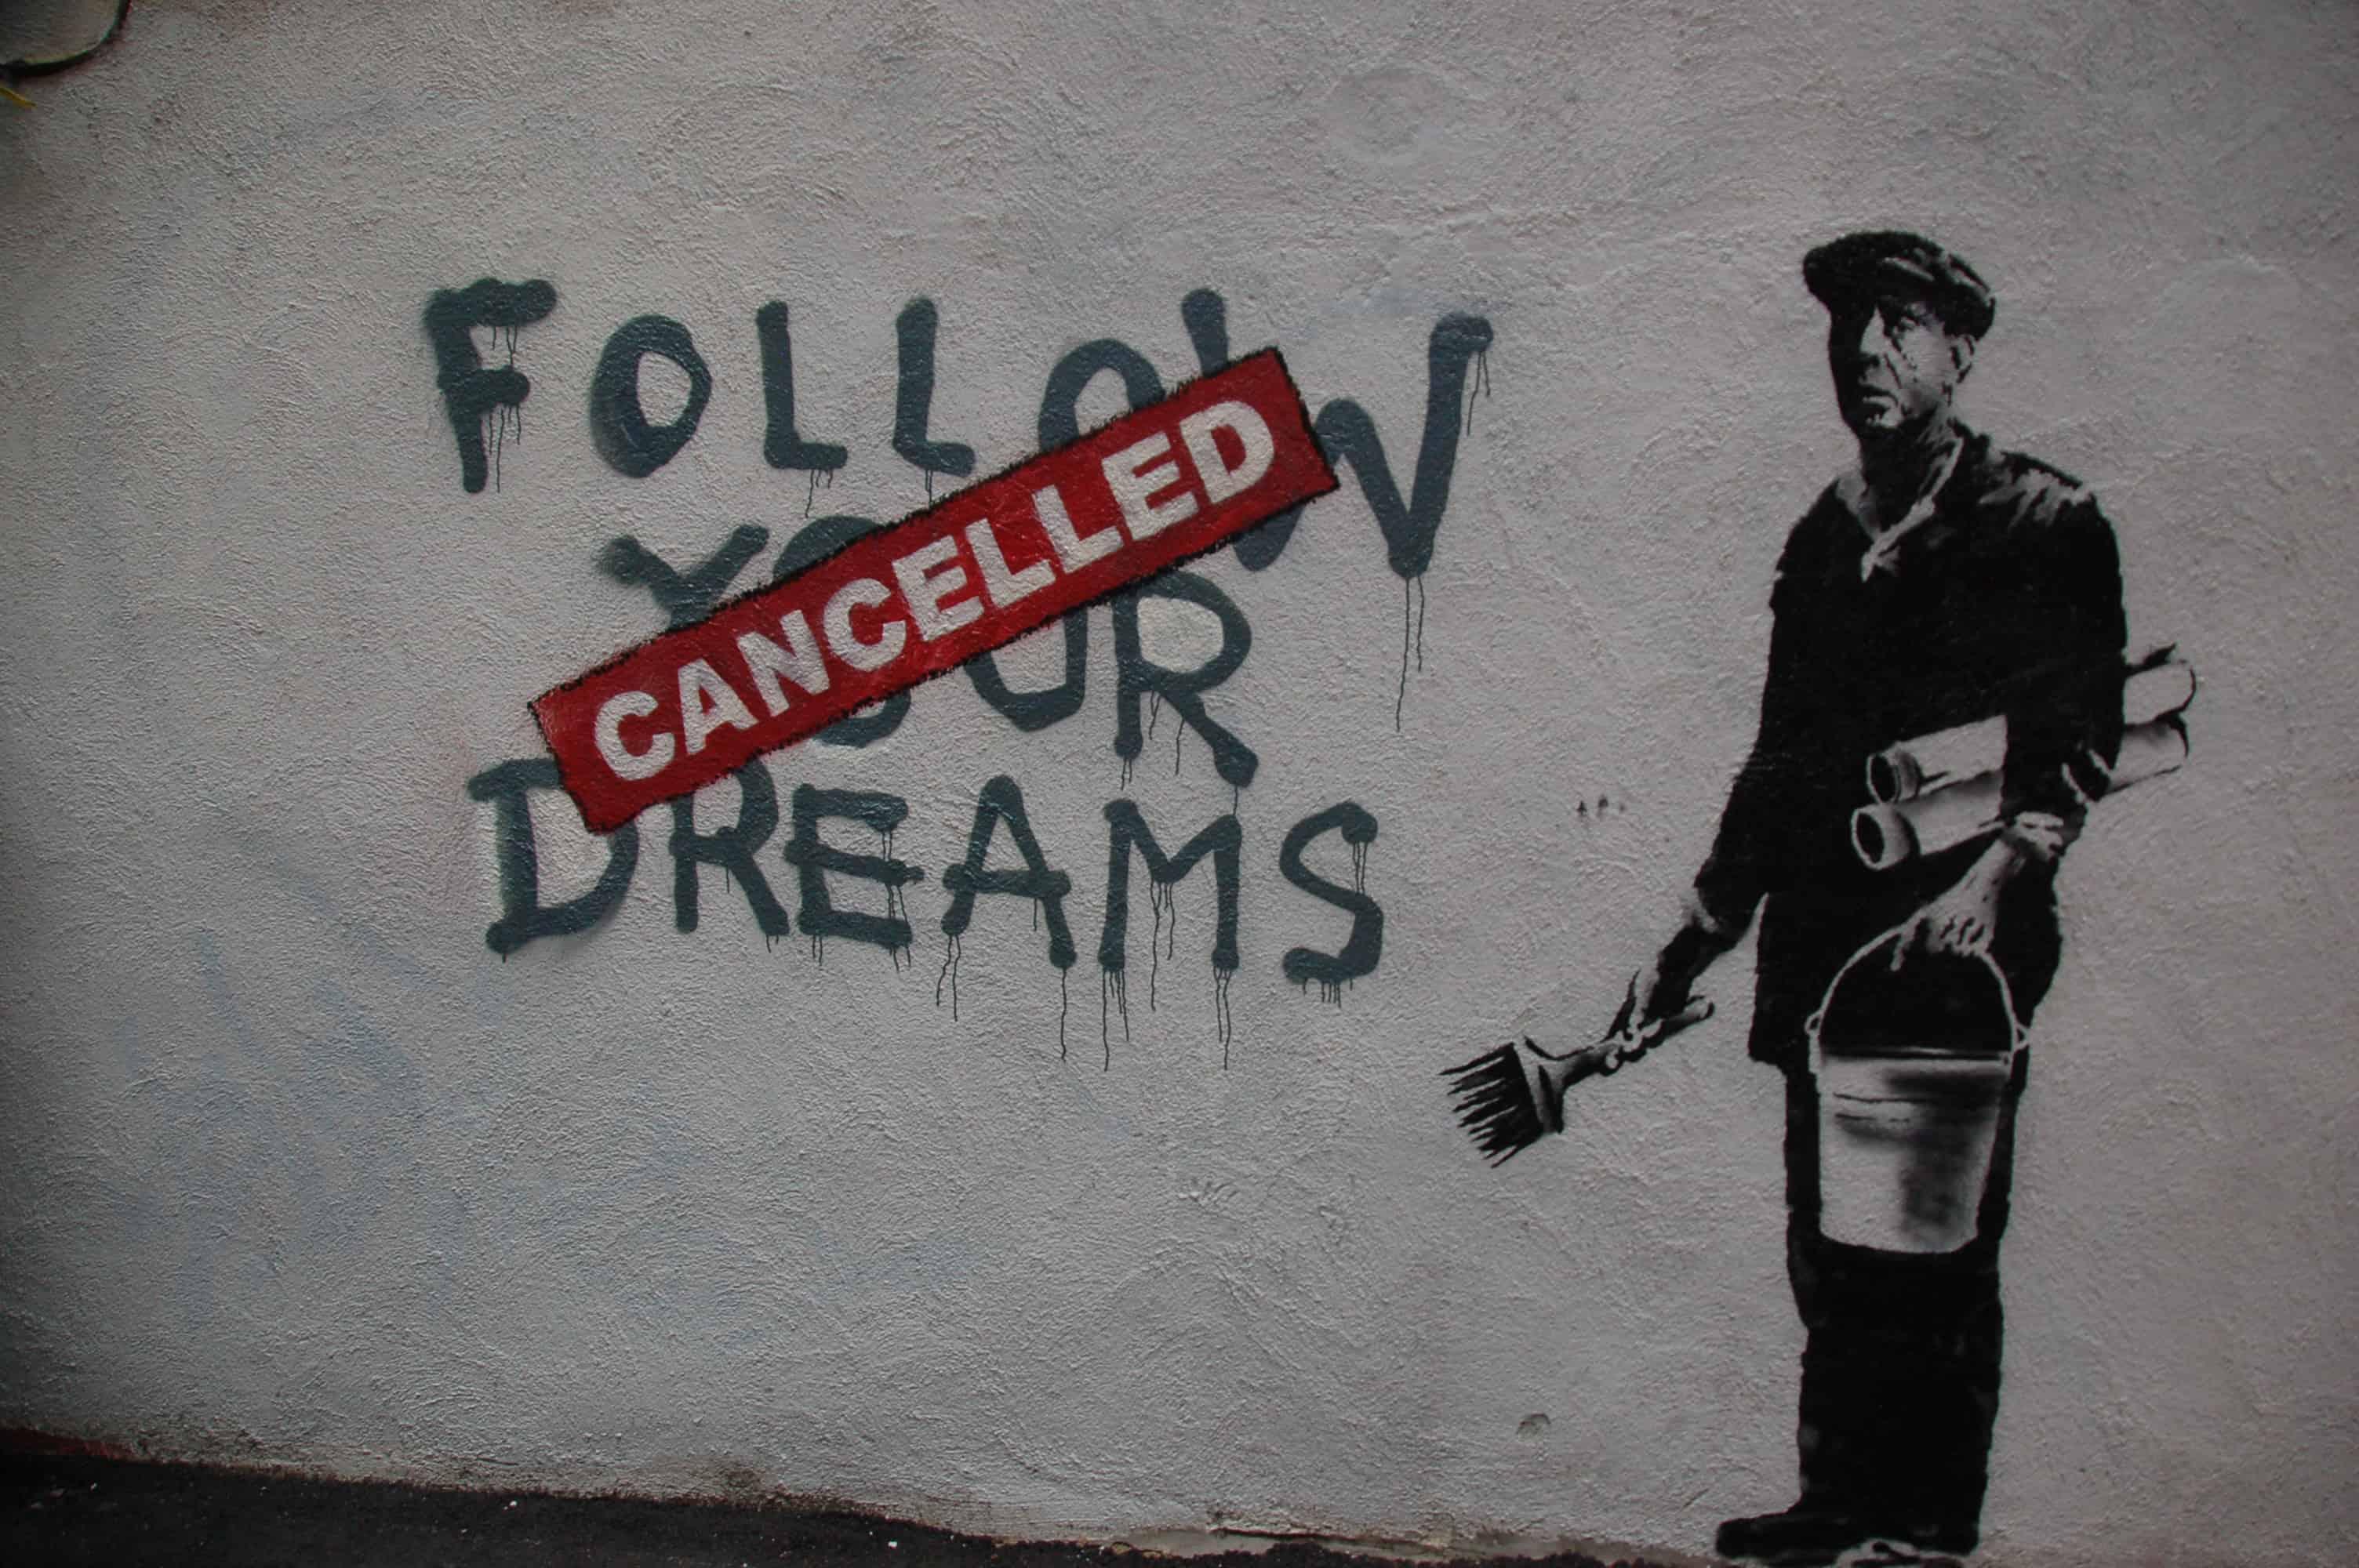 banksy graffiti quotes - HD1920×1200